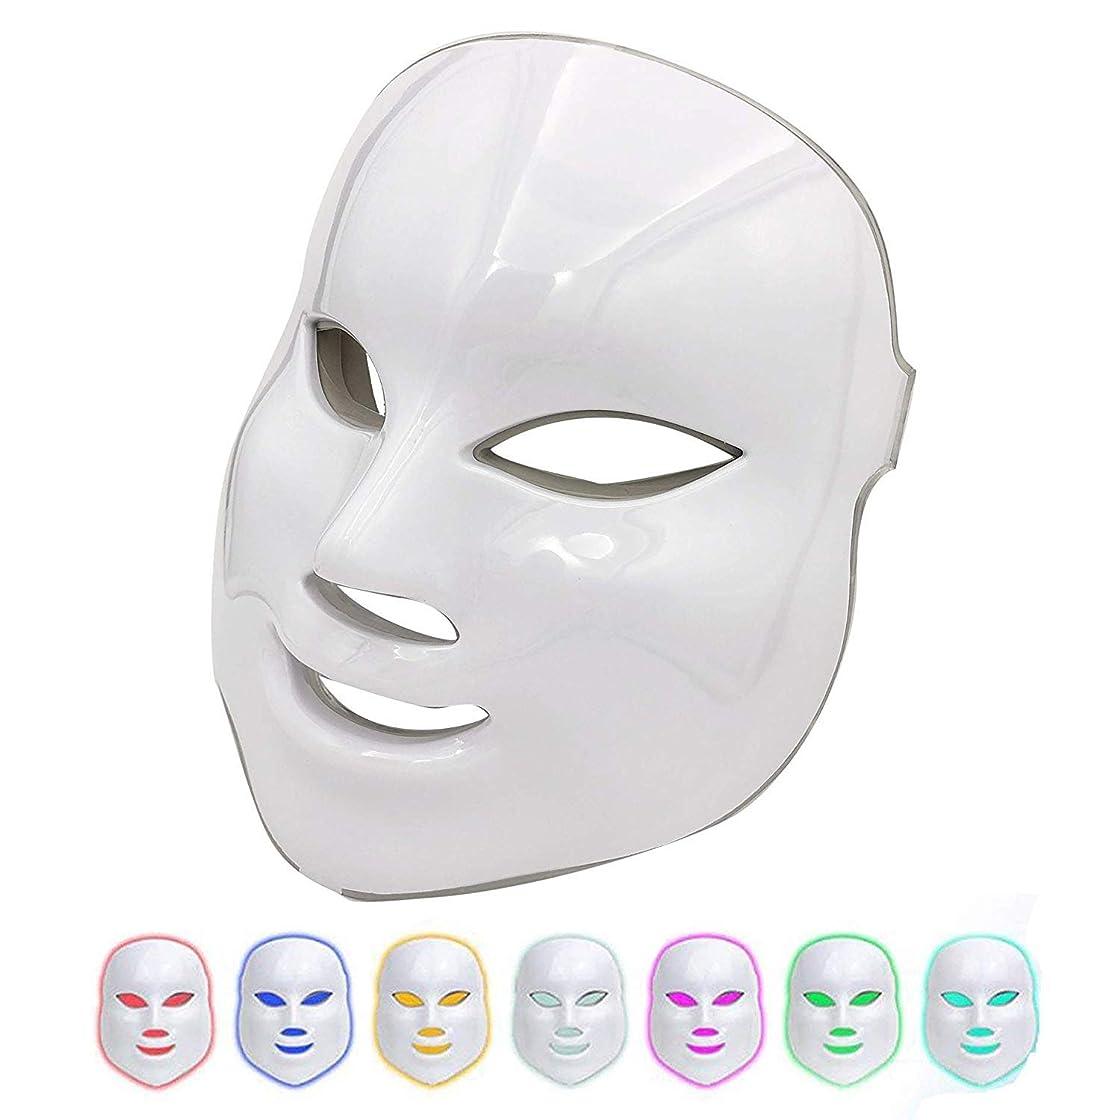 に対応するビルカルシウム美容マスク7色ledライト光子療法にきび跡除去アンチエイジング肌の若返りフェイシャルケアフェイシャルトーンデバイス